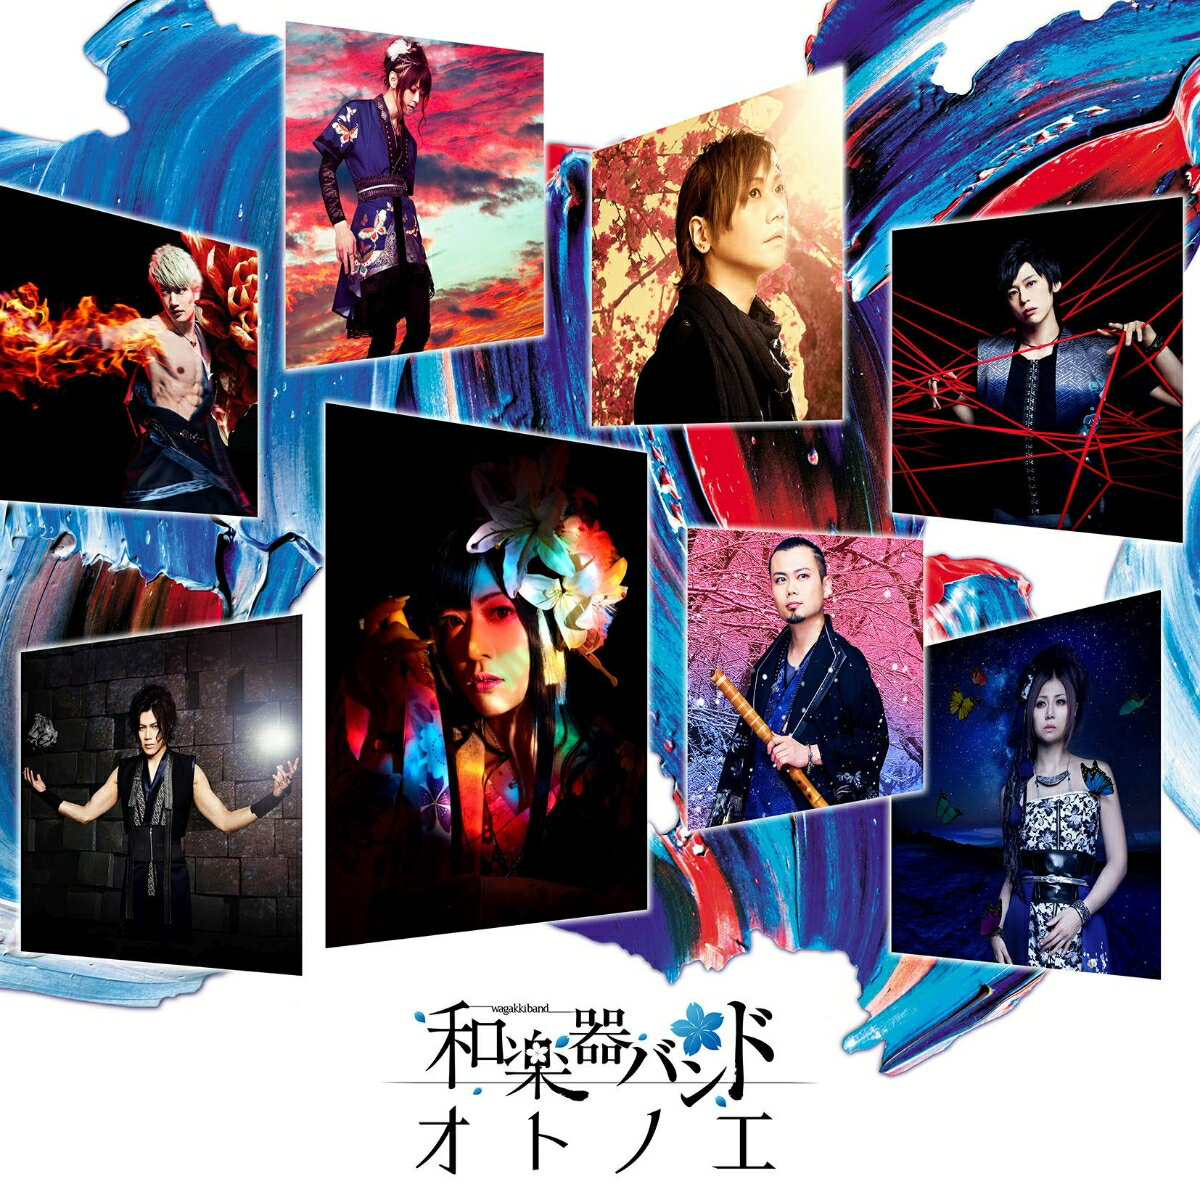 【先着特典】オトノエ (CD+スマプラ) 【CD ONLY盤】 (BIGサイズポストカード付き) [ 和楽器バンド ]